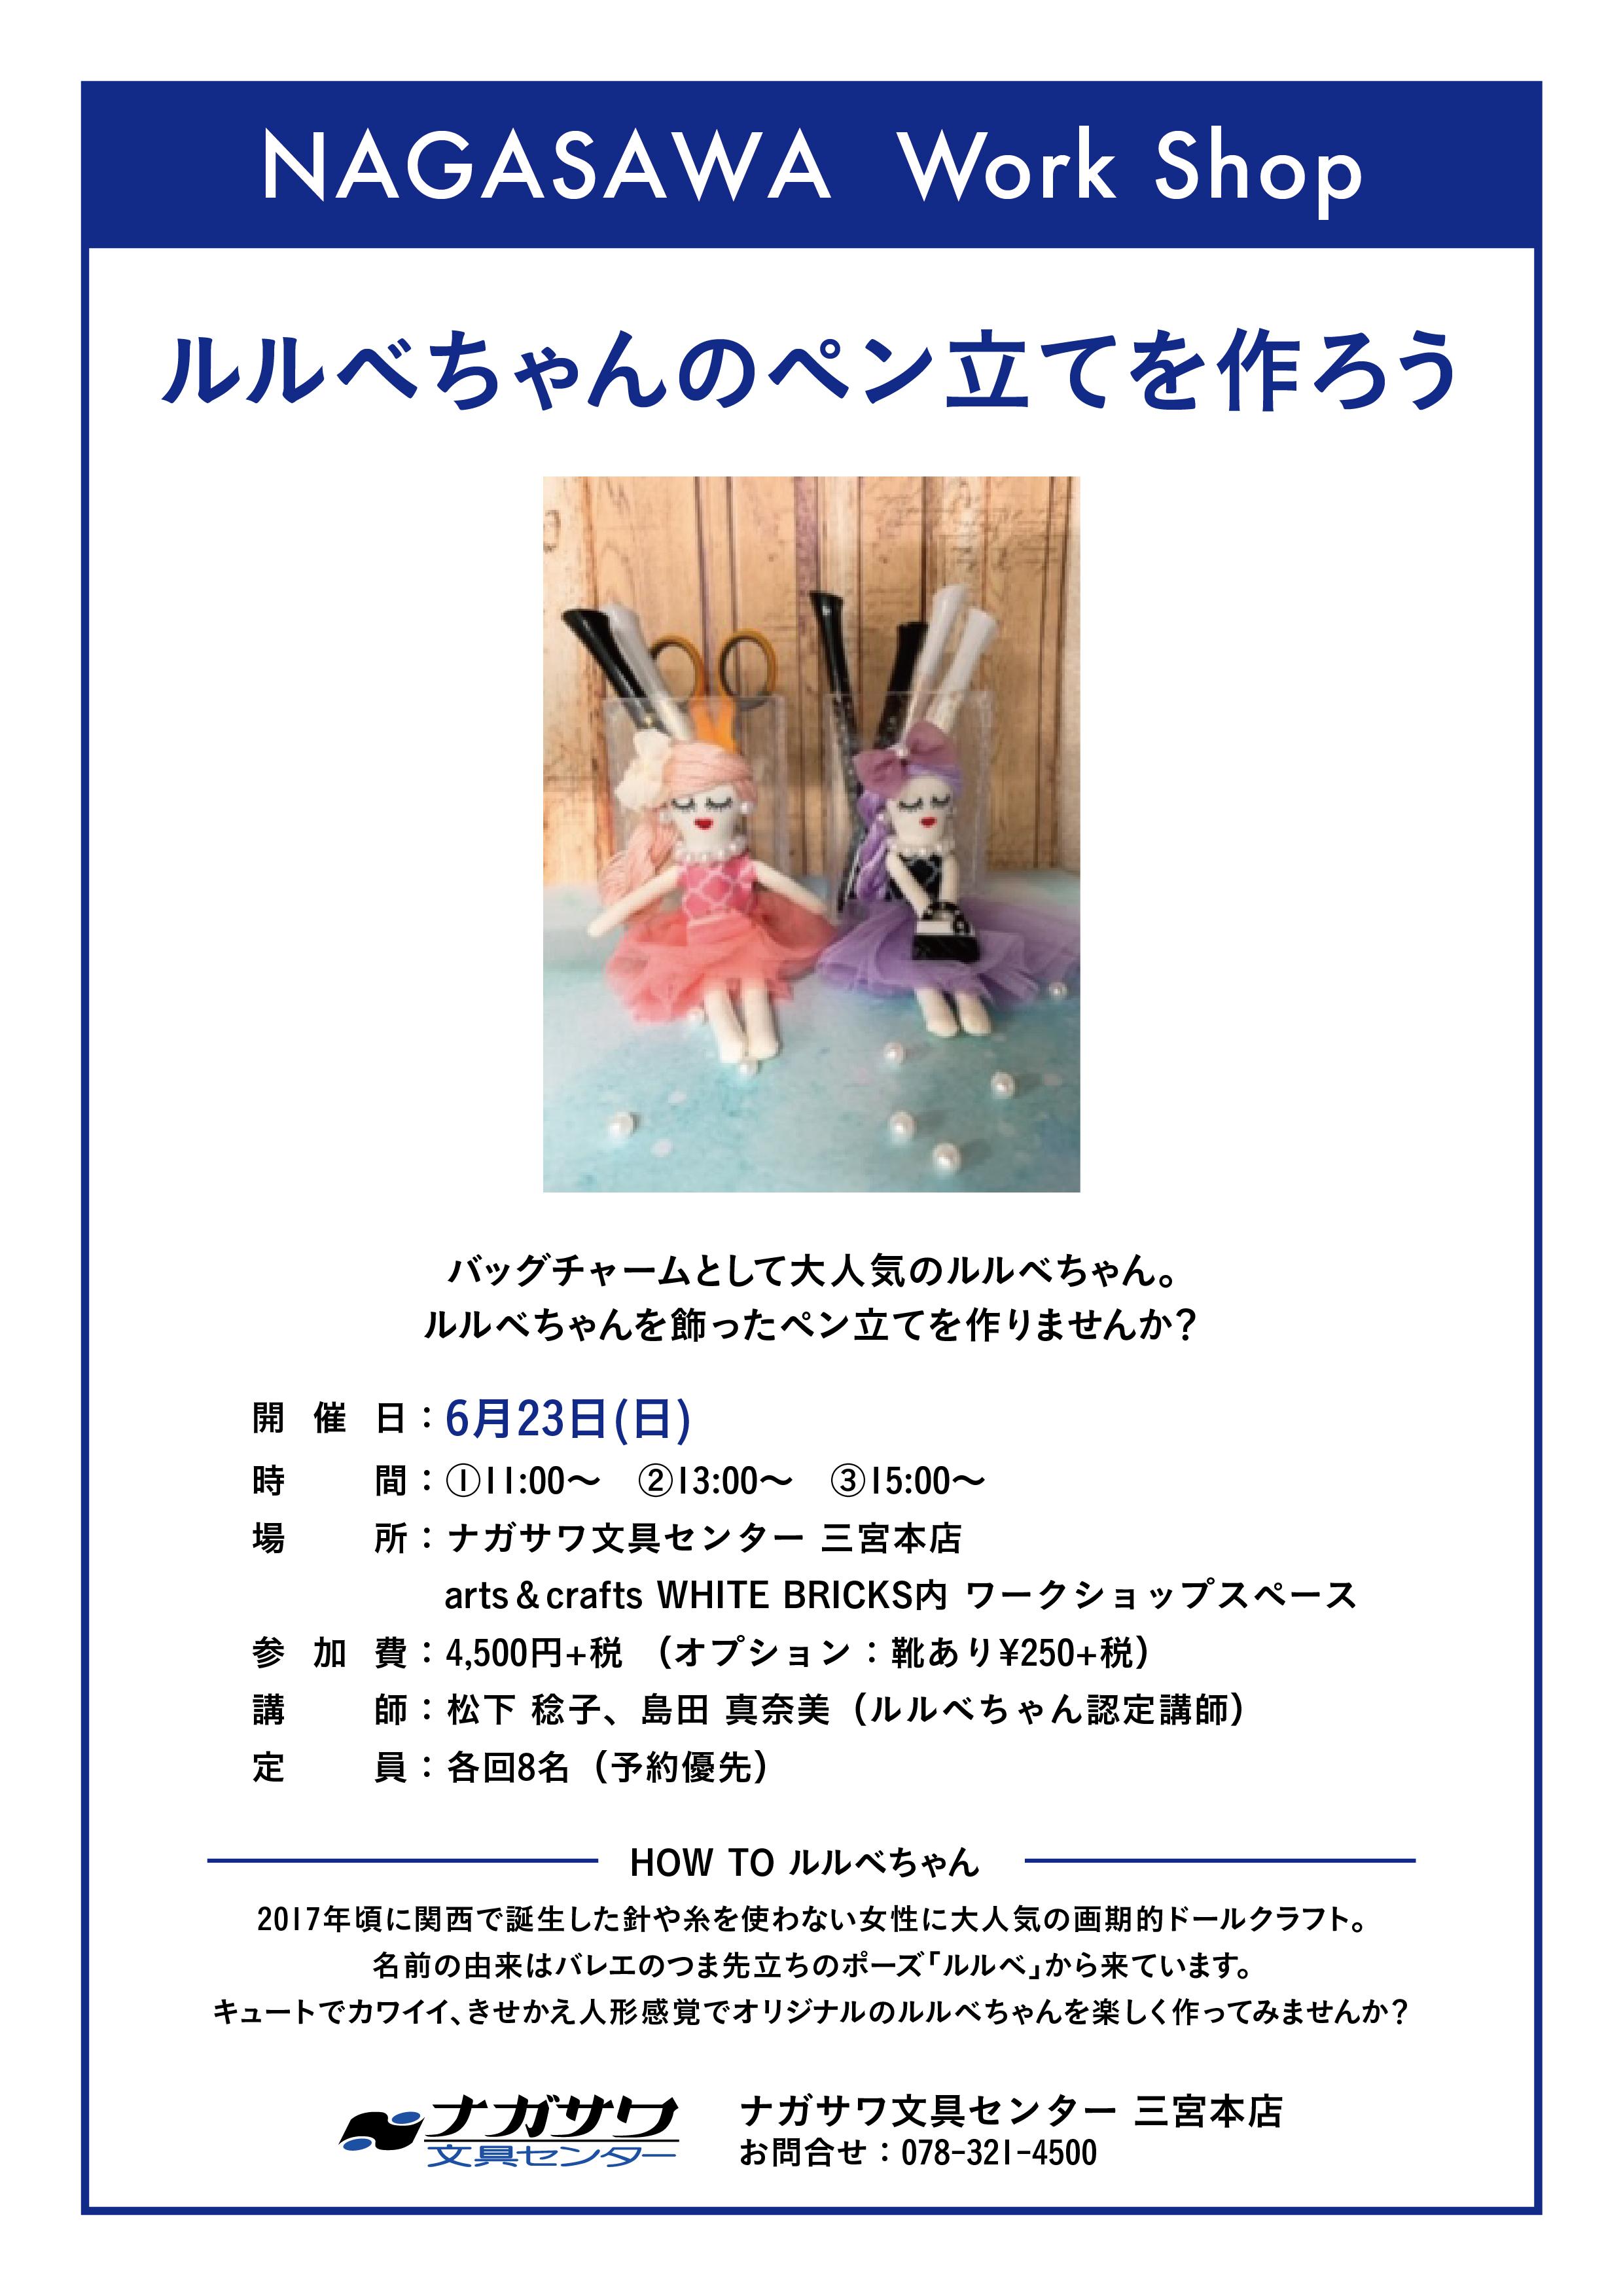 【本店】バッグチャームとして絶大な人気を誇るルルベちゃんを飾ったペン立てをつくるワークショップ